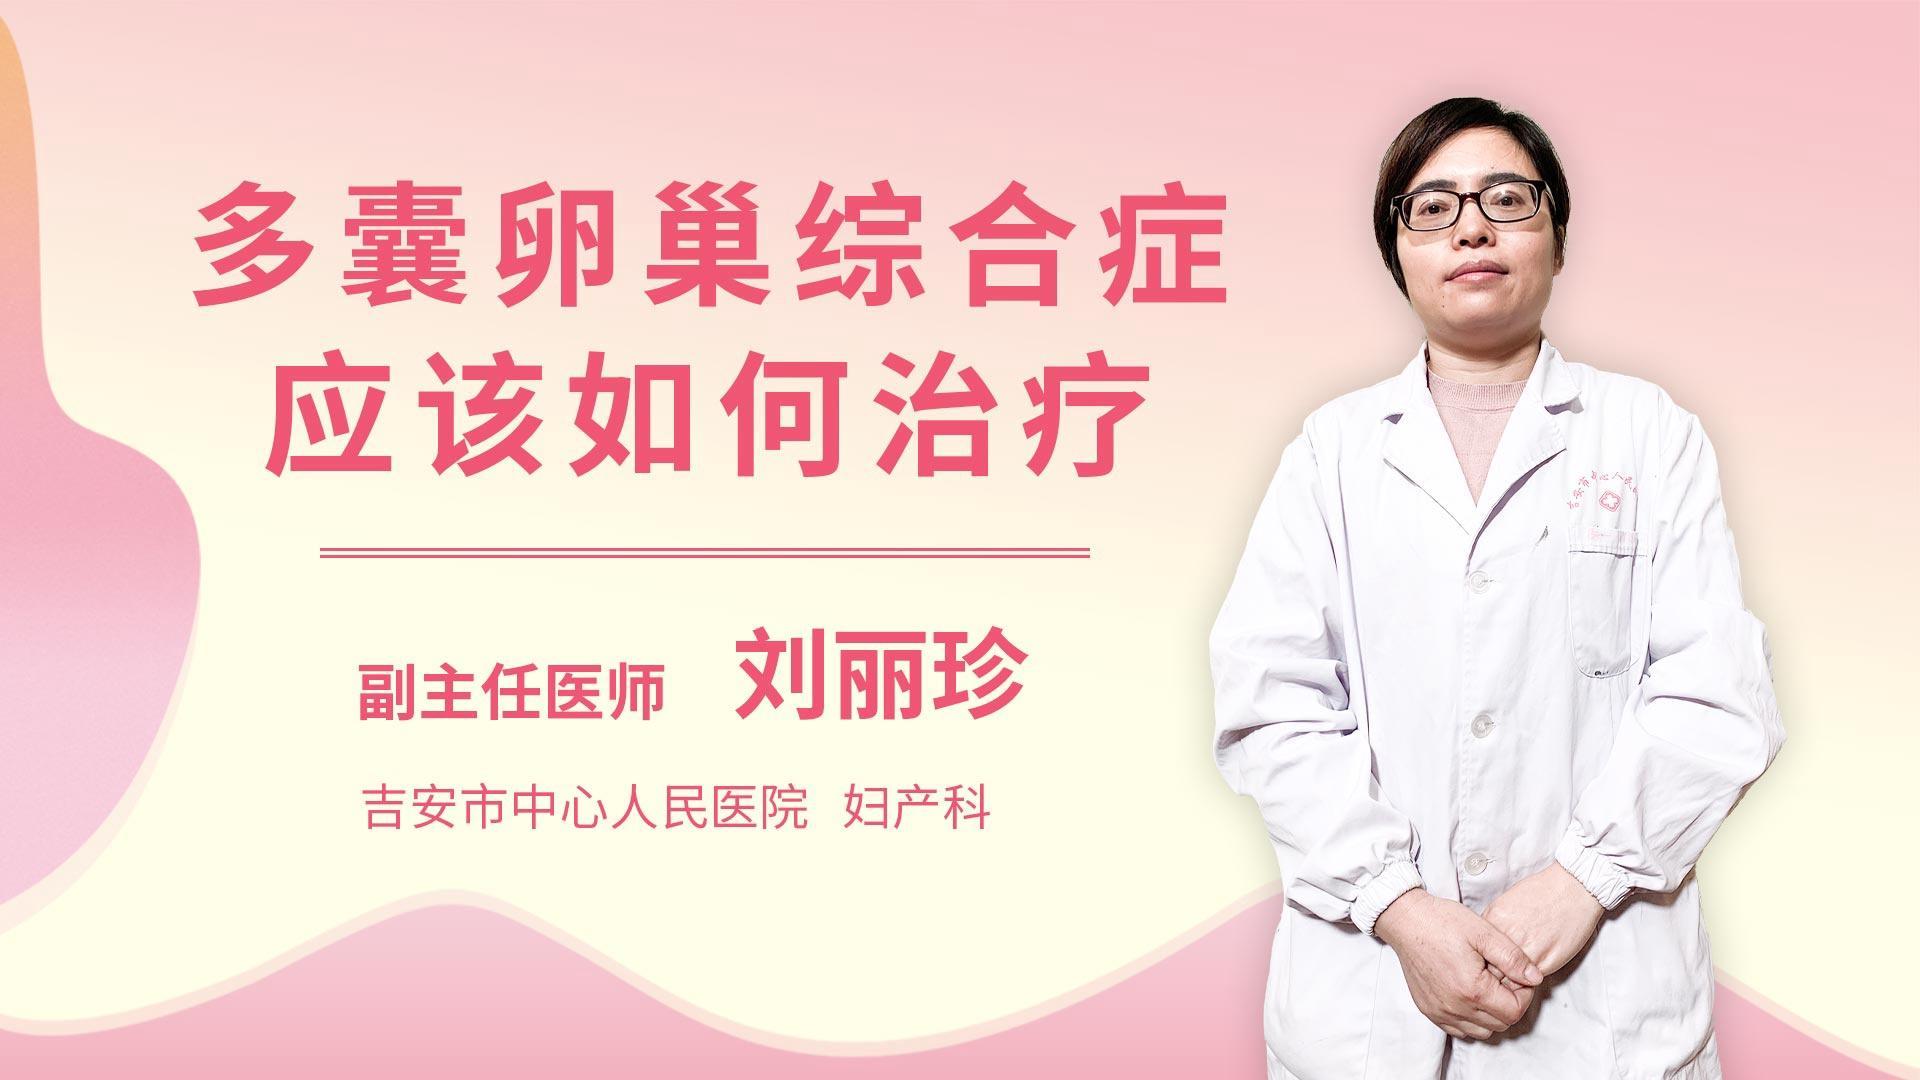 多囊卵巢综合征应该如何治疗